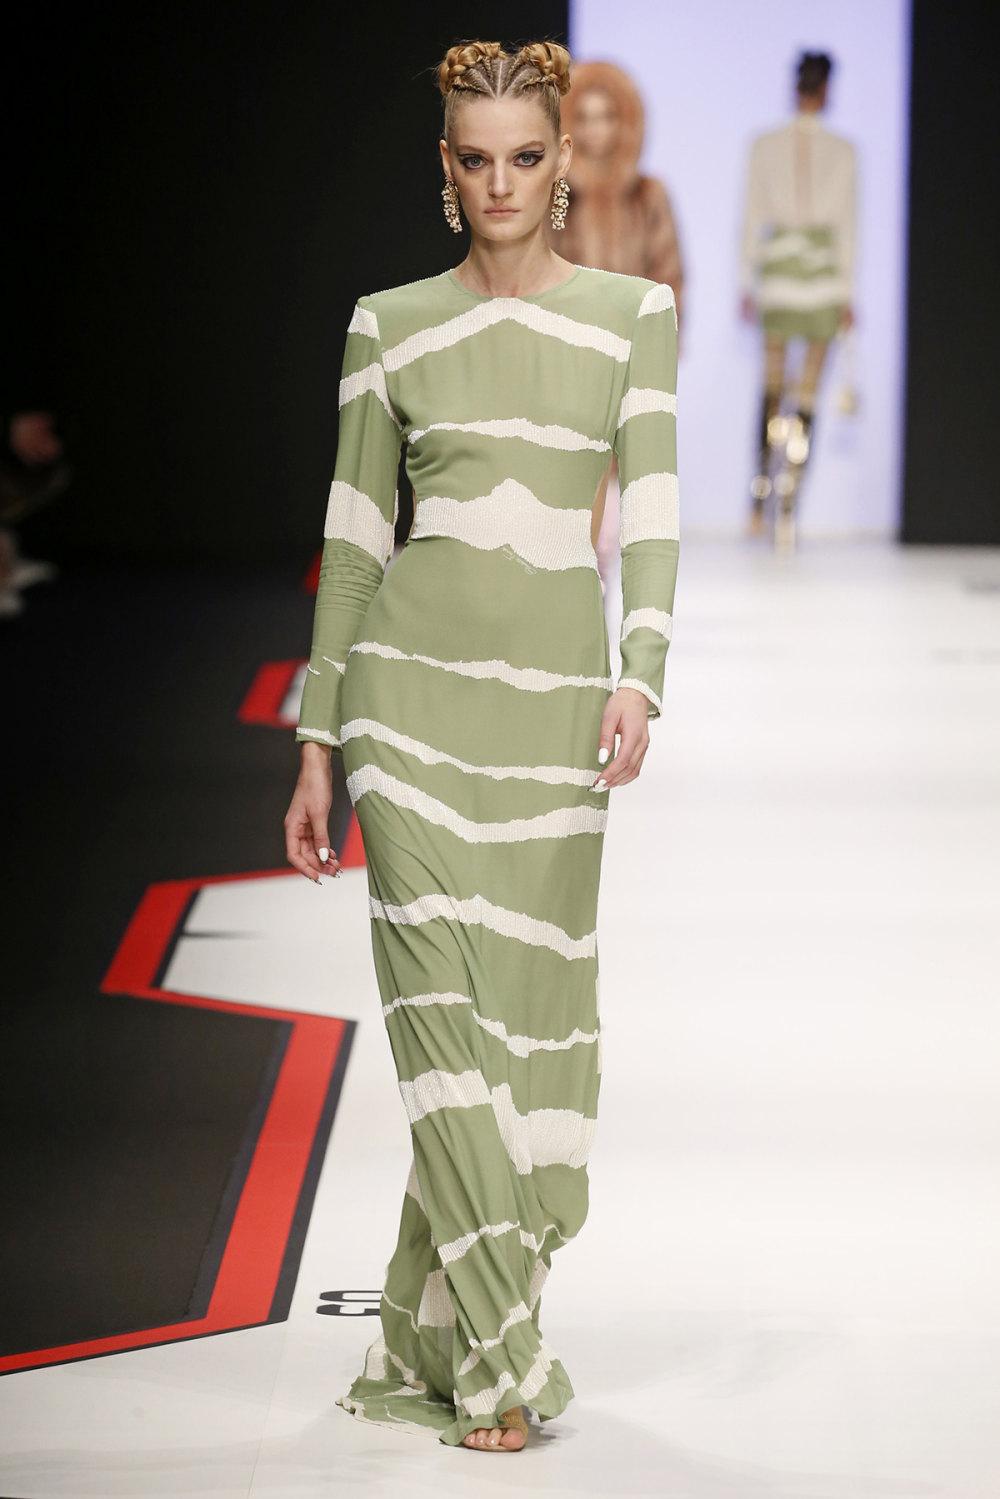 Elisabetta Franchi时装系列简约時尚的蓝色外套衬有印花迷你裙-12.jpg